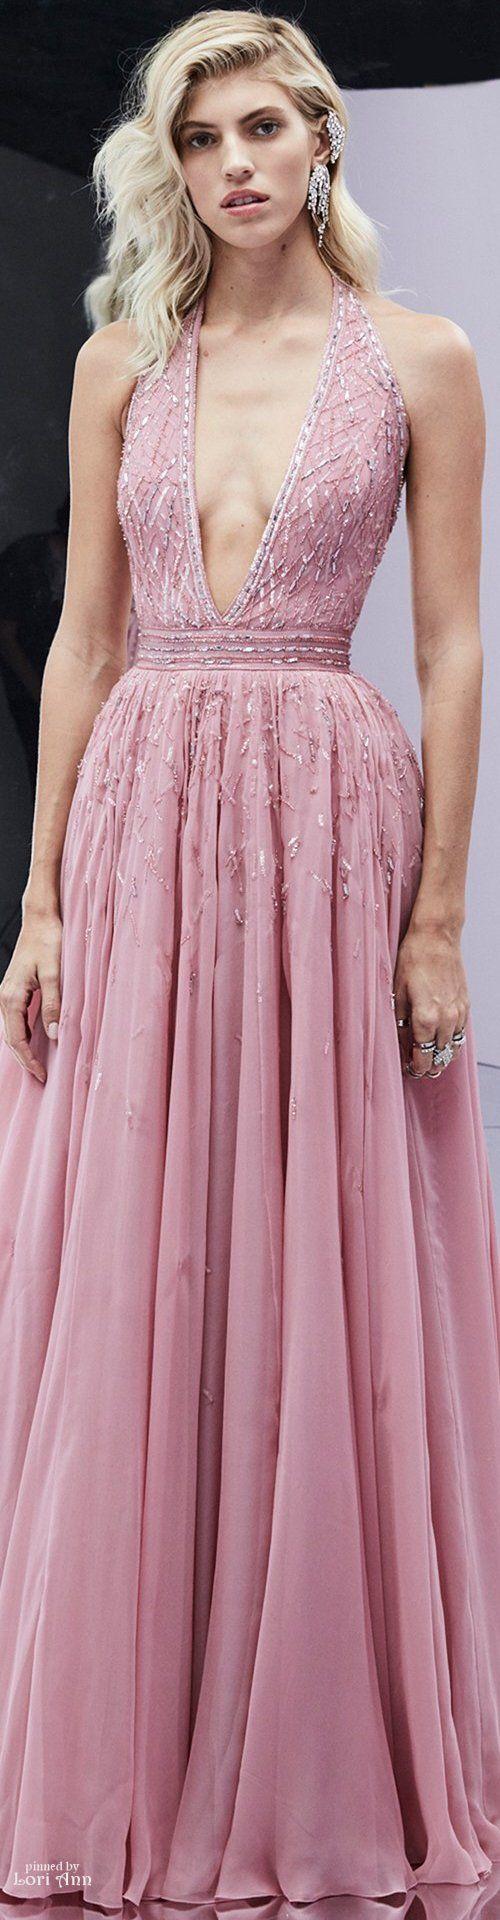 Zuhair Murad Spring 2017 RTW More   [ the dress ]   Pinterest ...